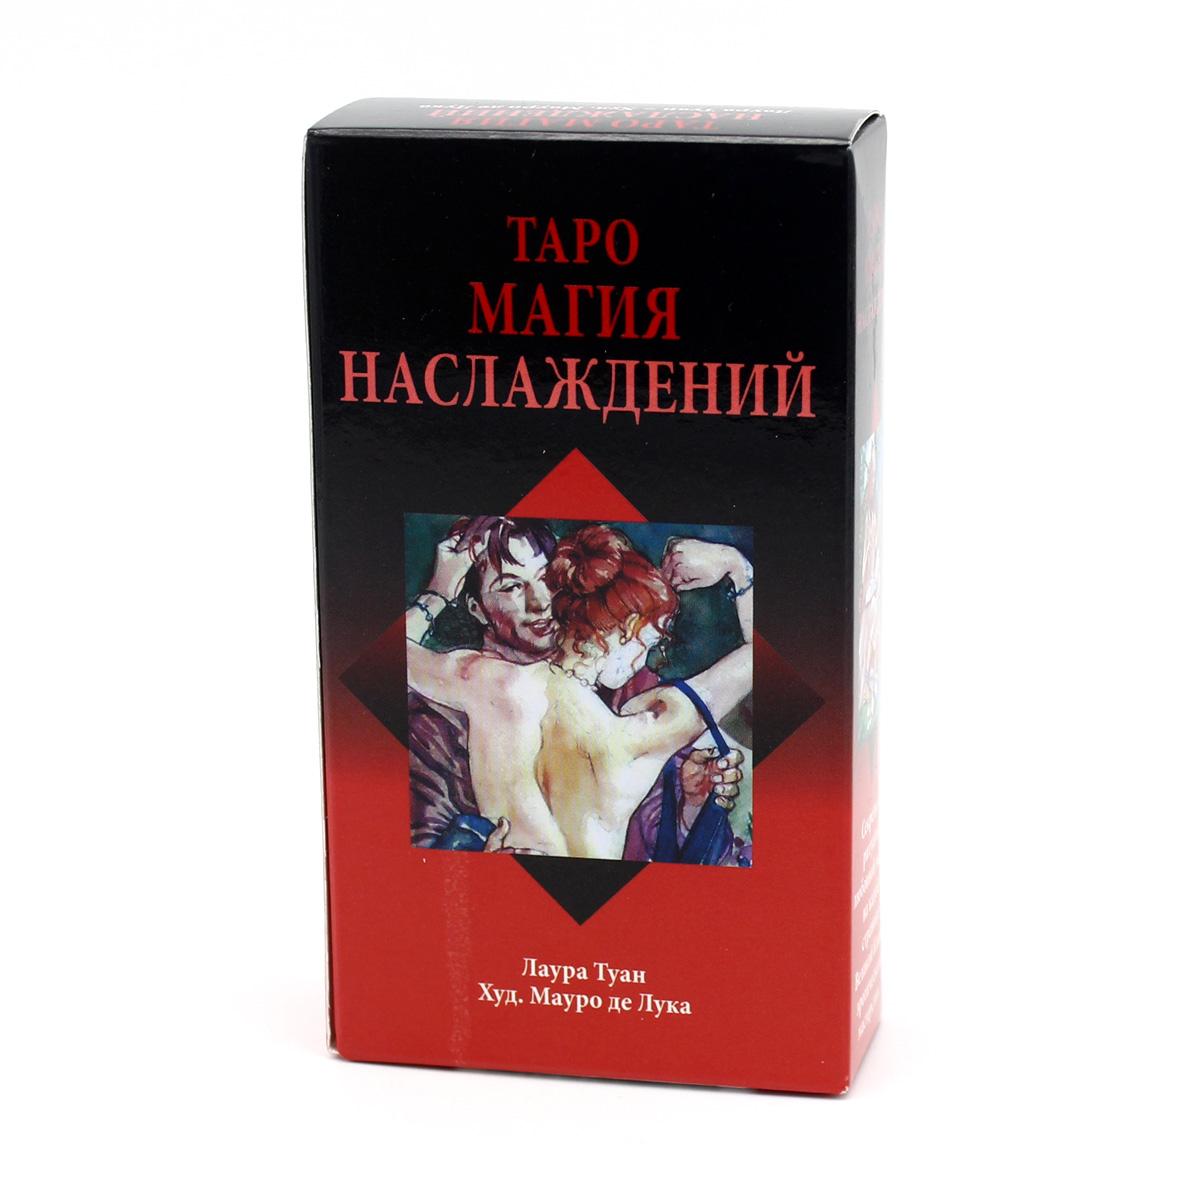 Таро Магия Наслаждений, 78 карт, инструкция с описаниями раскладов